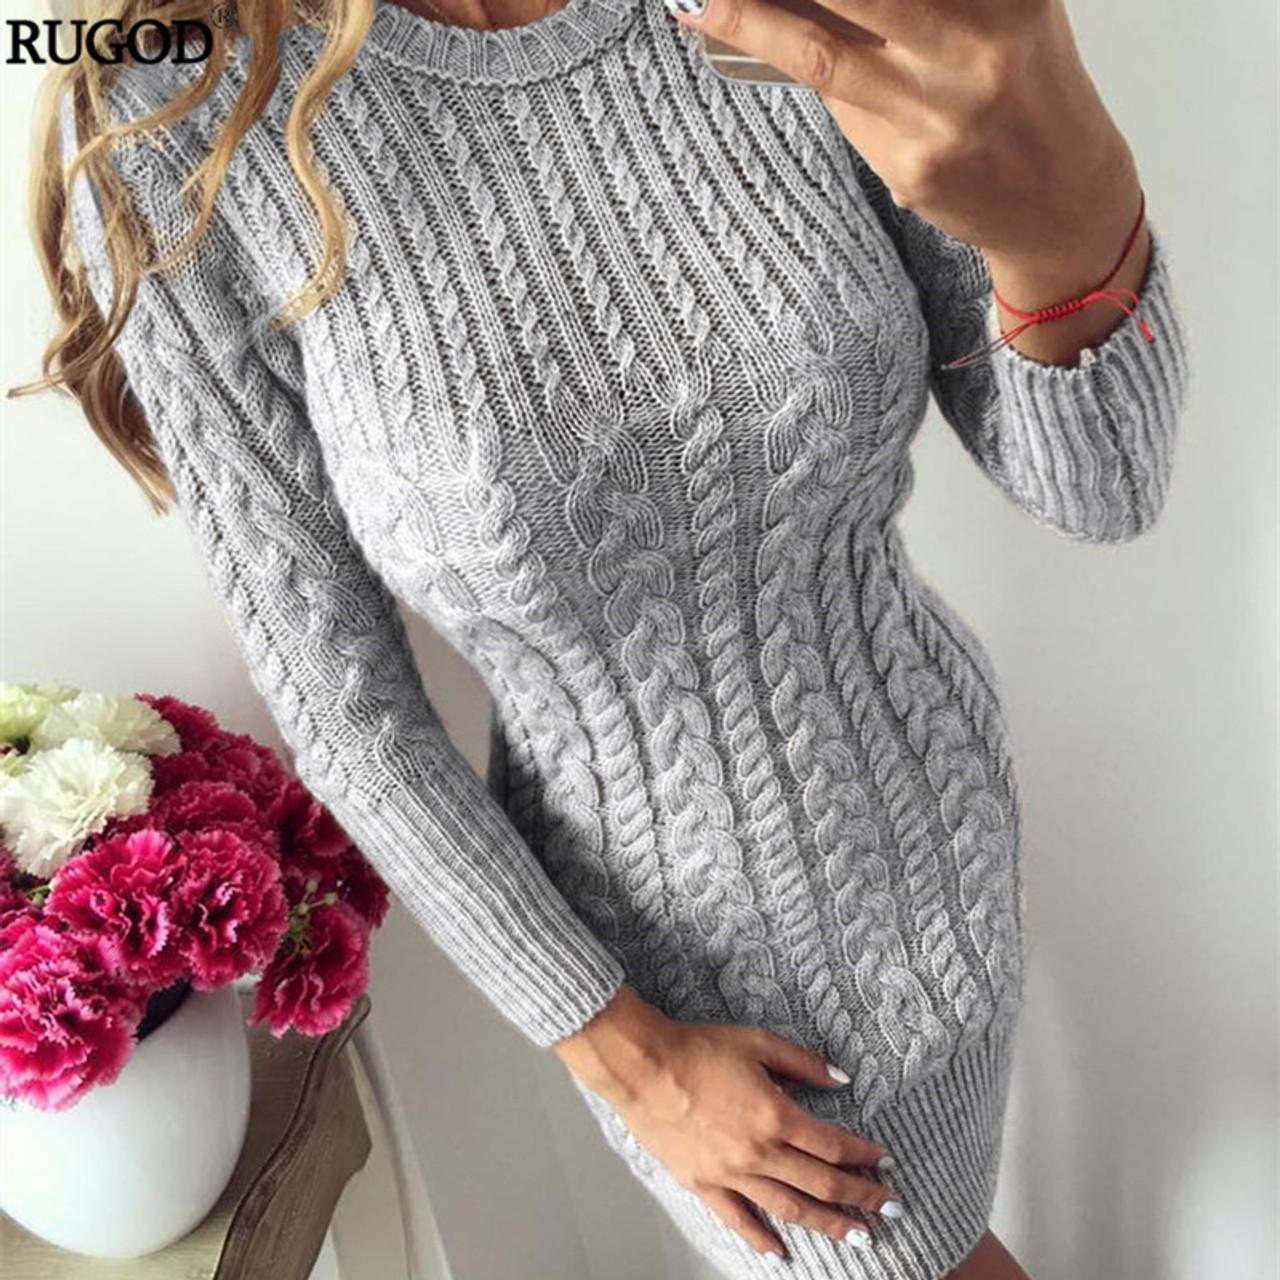 bcc758781f7 RUGOD 2018 New Autumn Winter Warm Sweater Dress Women Sexy Slim Bodycon  Dress Female O neck ...